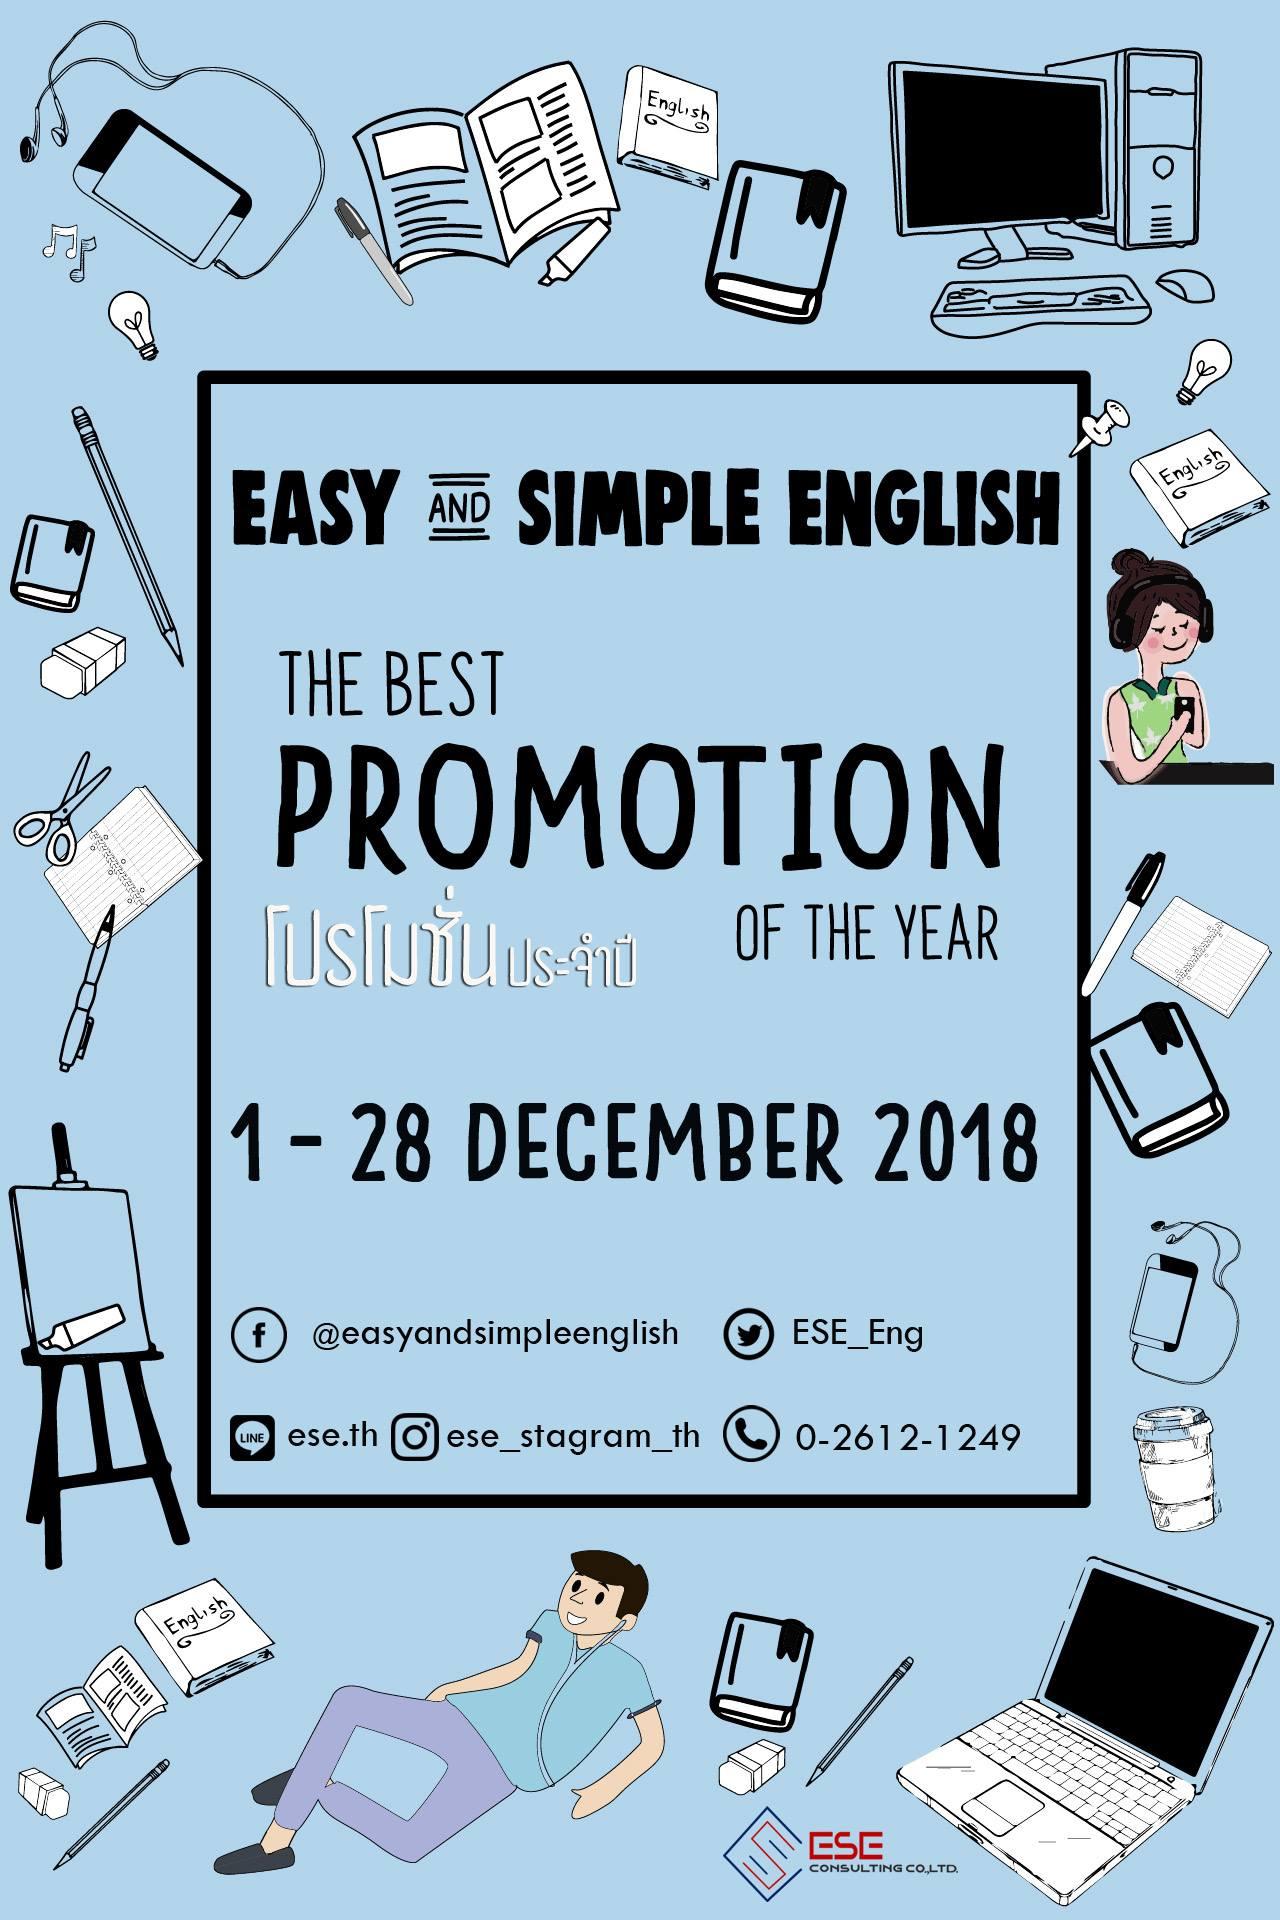 โปรโมชั่นคอร์สเรียนภาษาอังกฤษใหญ่ประจำปี 2018